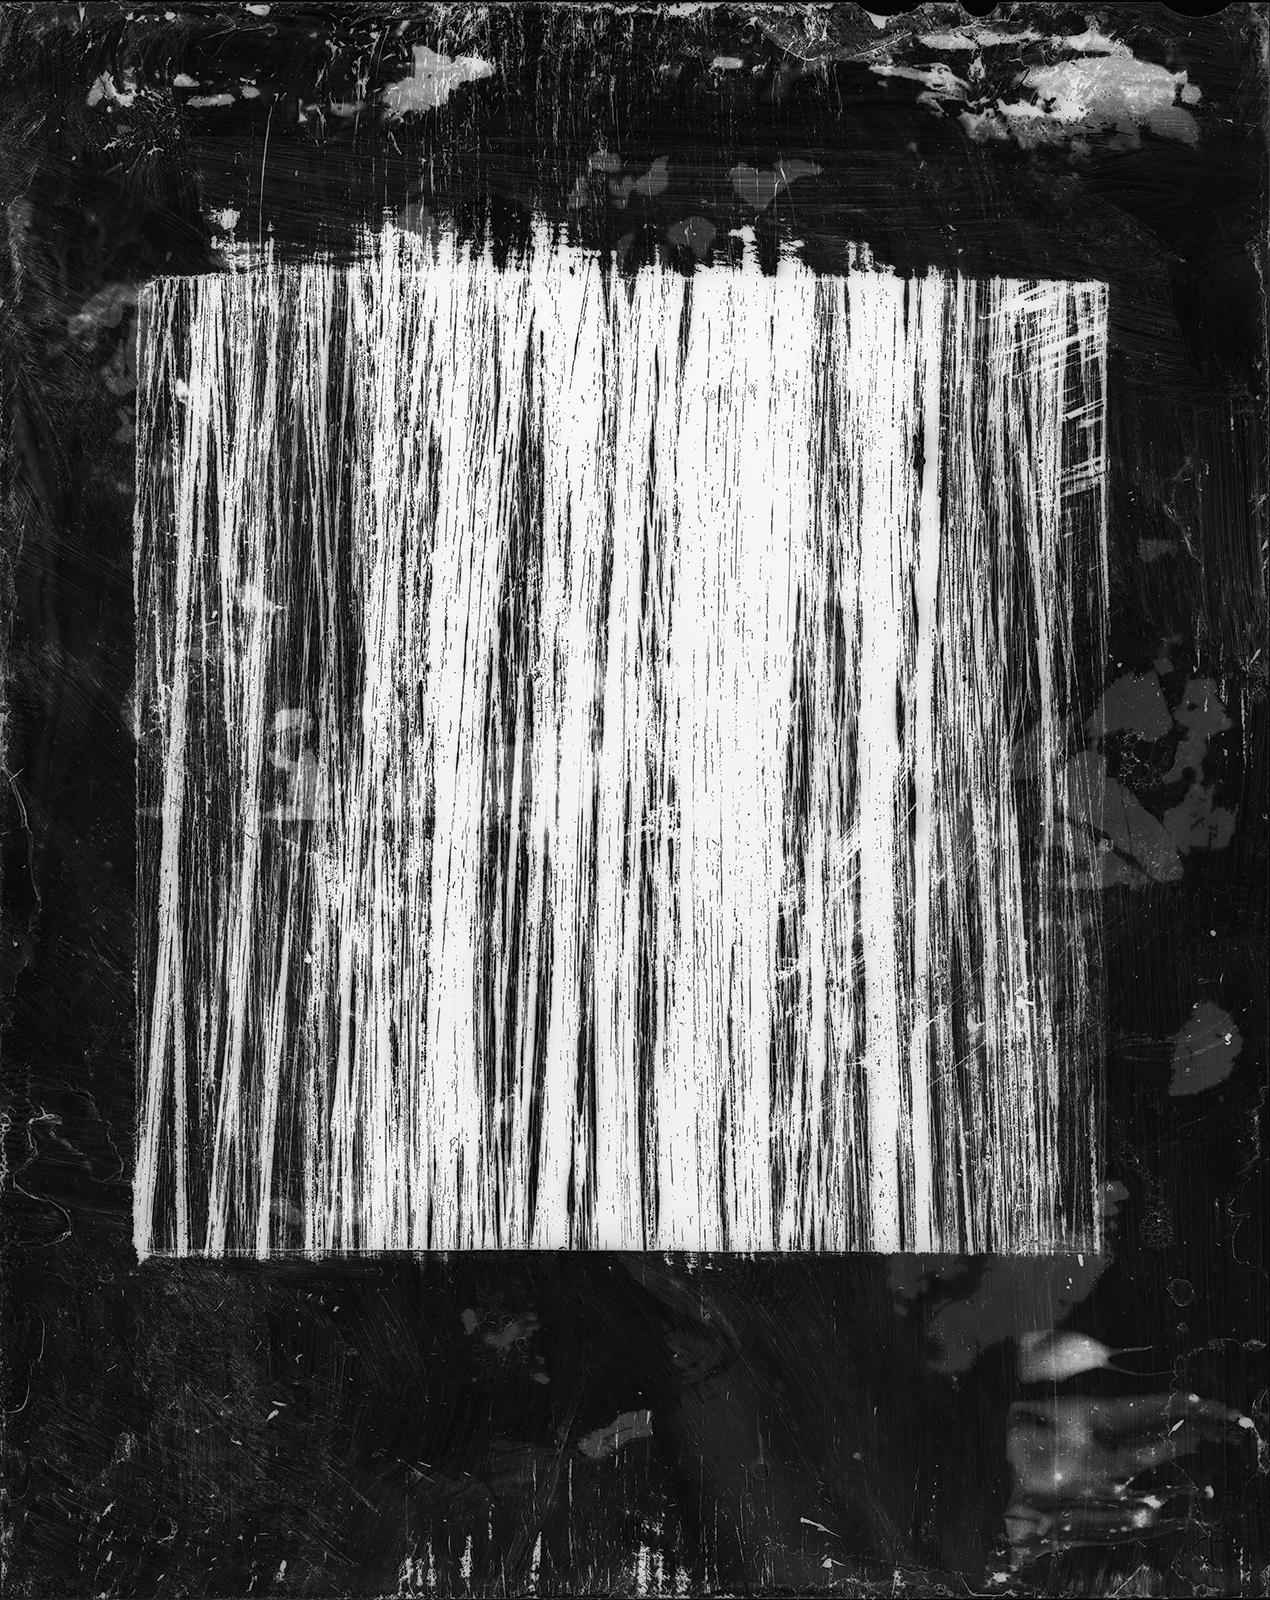 No. 27 (Black Ink, White Wash)